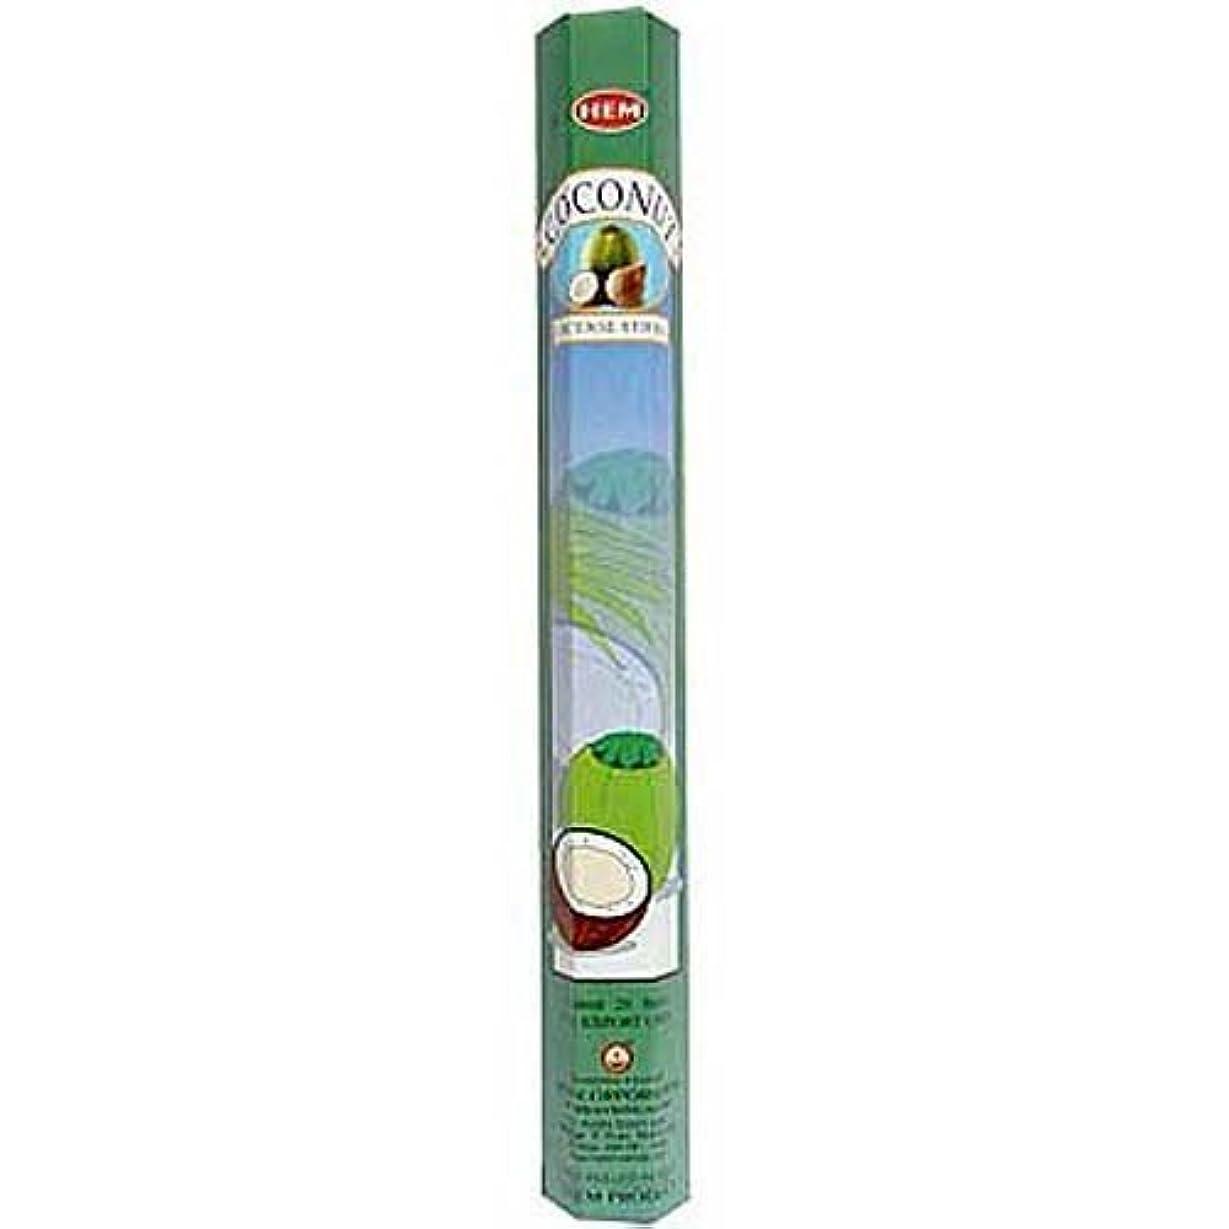 パック原油フィットHEMココナッツ 6個セット